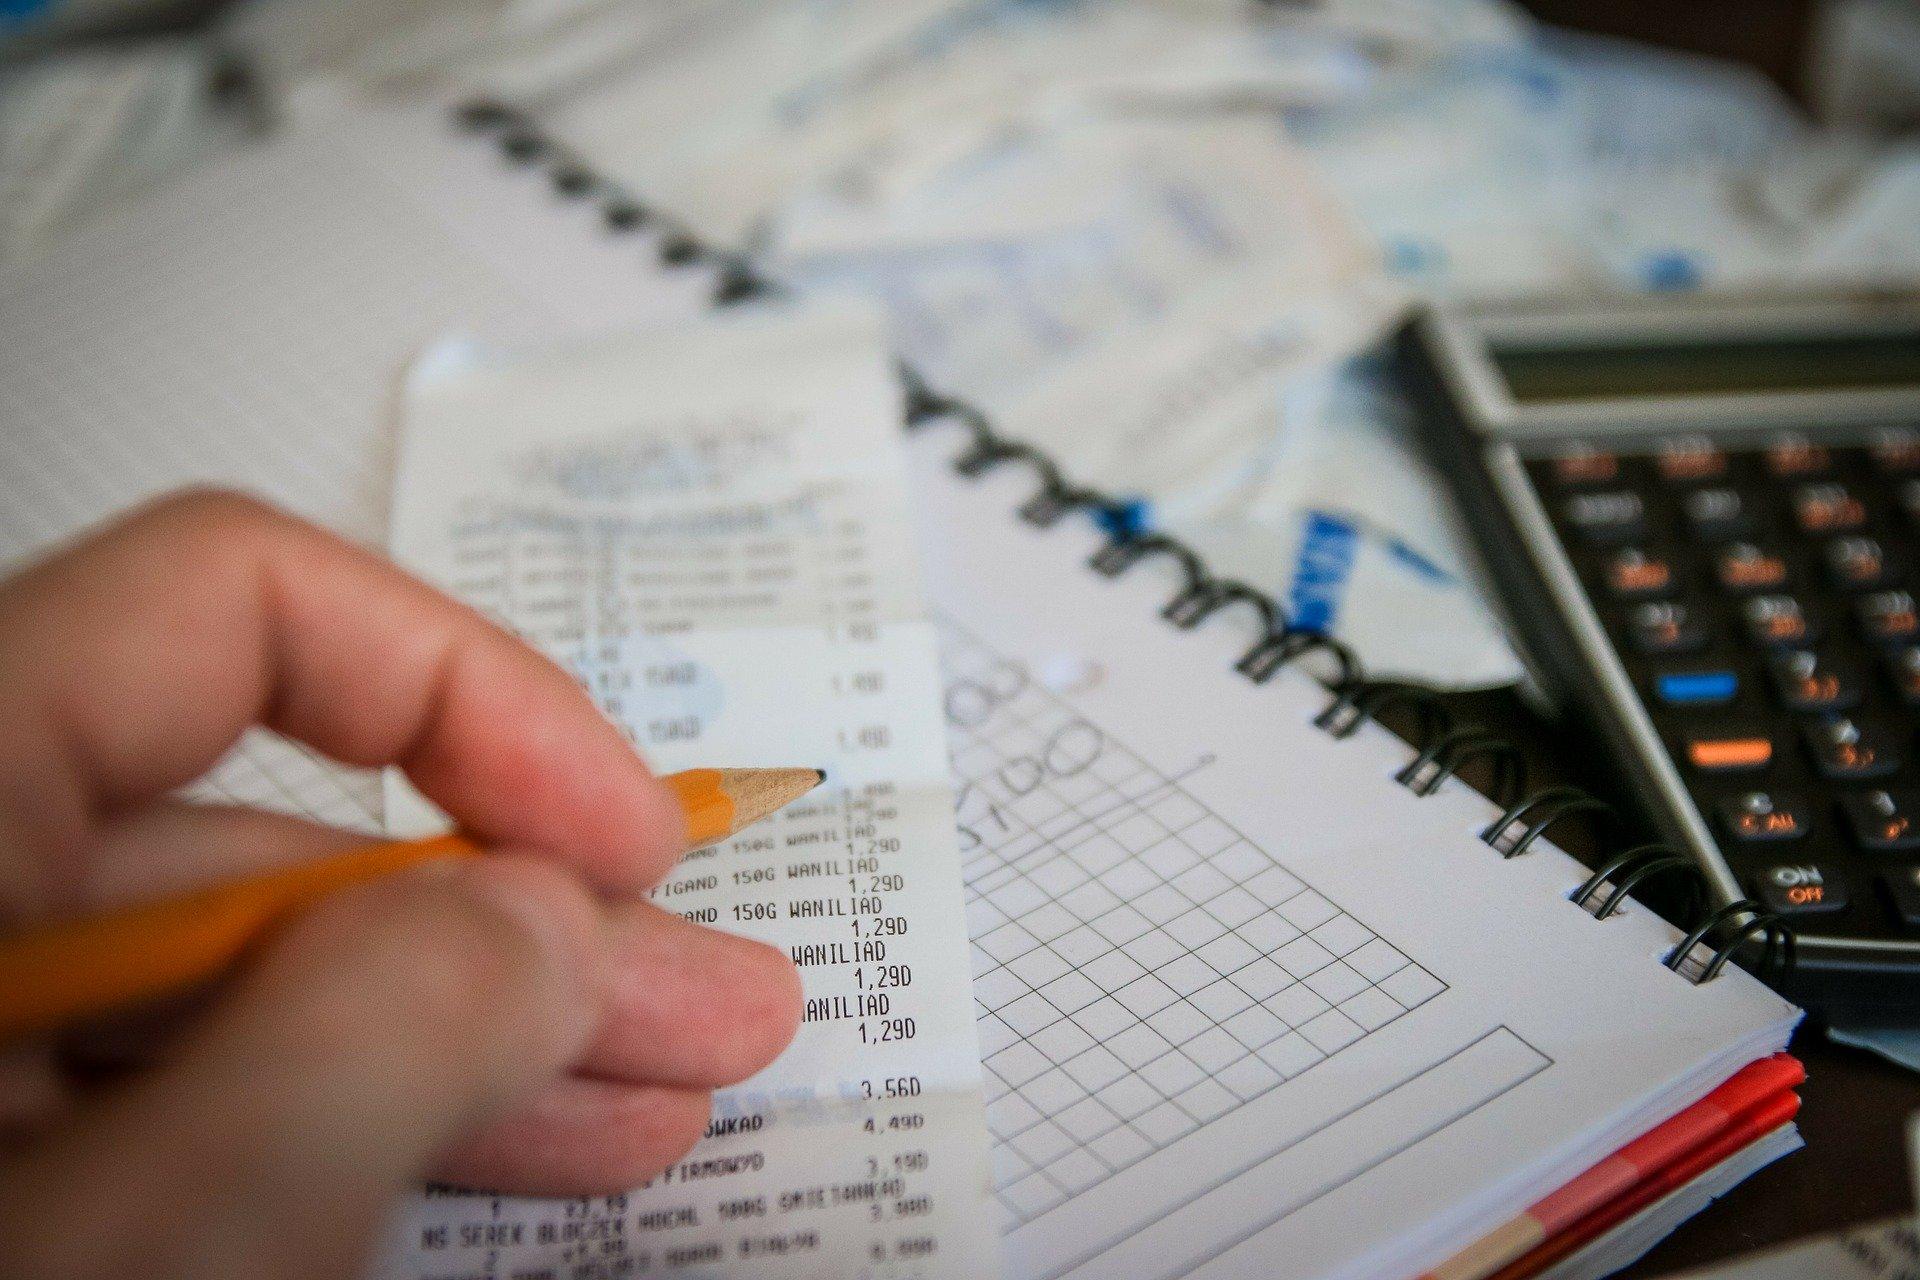 Das Foto zeigt einen Notizblock, rechts daneben ein Taschenrechner. Auf dem Notizblick liegt eine Quittung. Eine Hand, die einen Bleistift hält, geht die Positionen, die auf der Quittung vermerkt sind, durch.